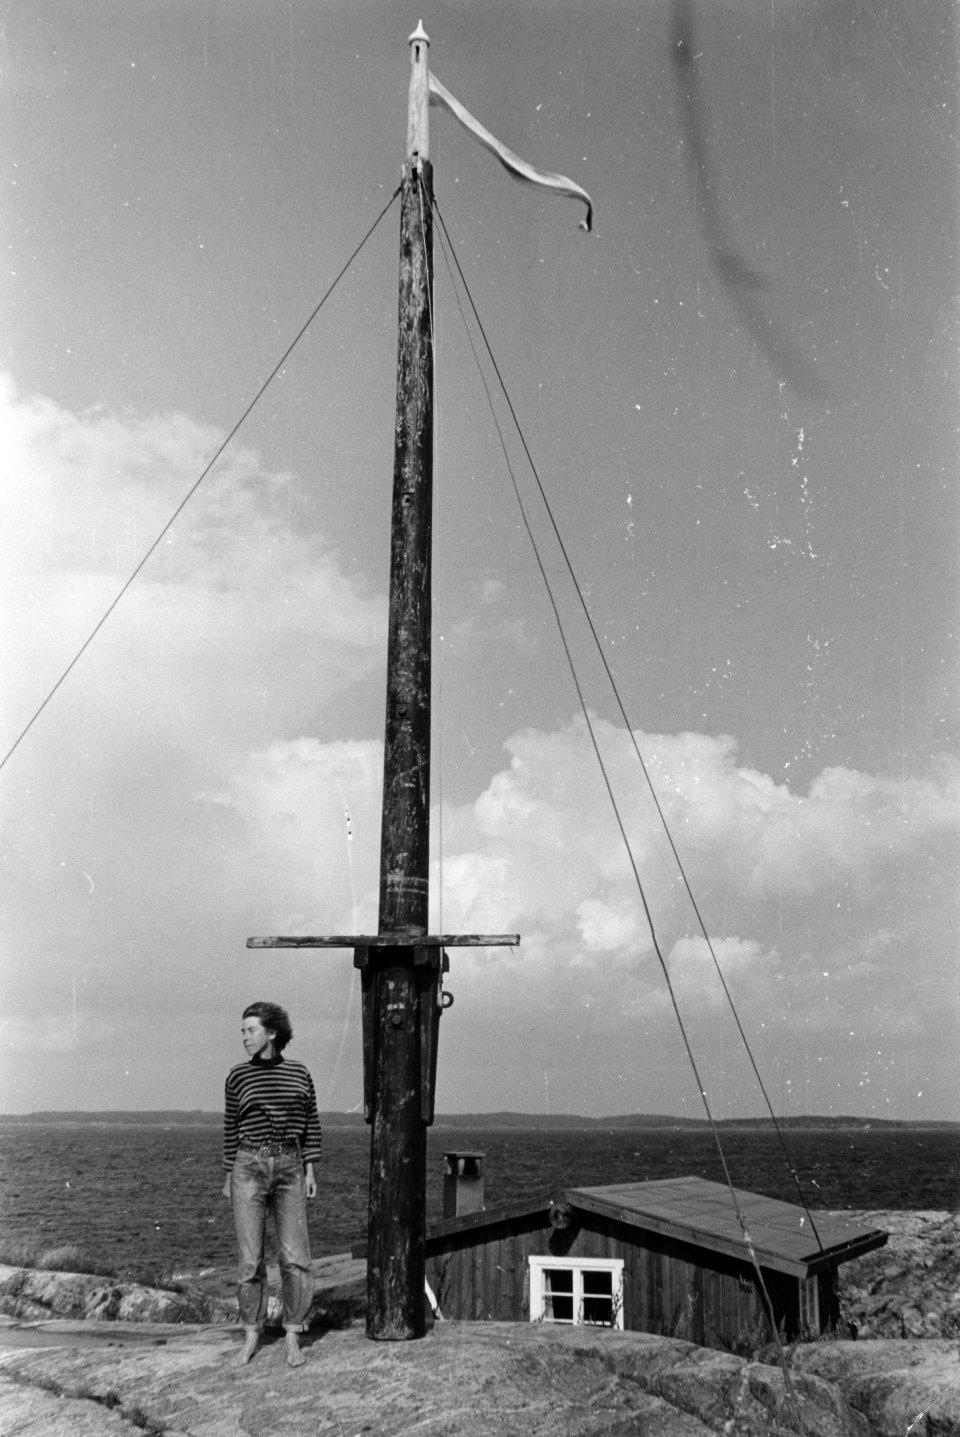 Klovharun 1969 - Sjömärke